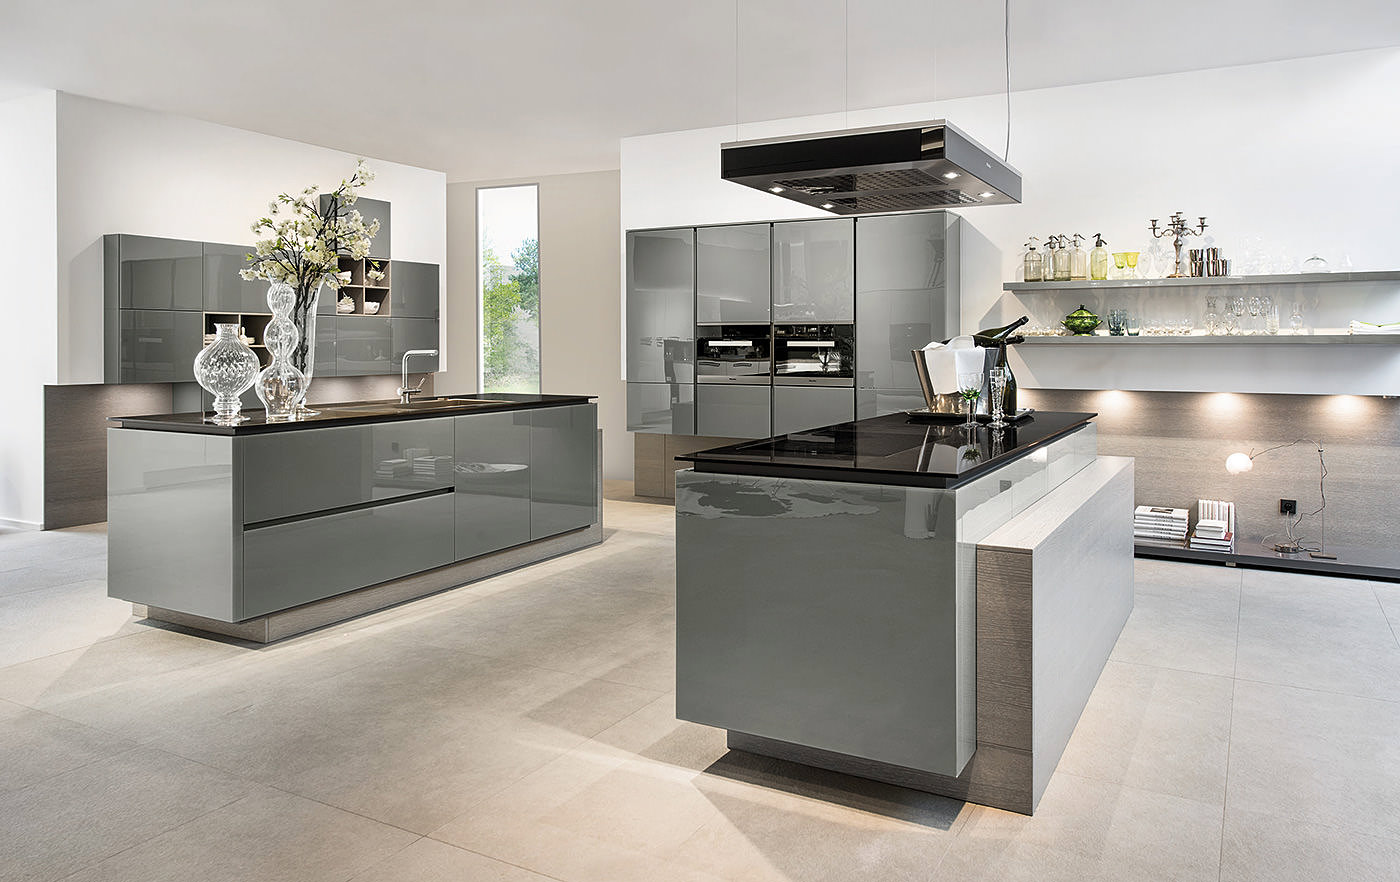 Entzuckend Moderne Küchen